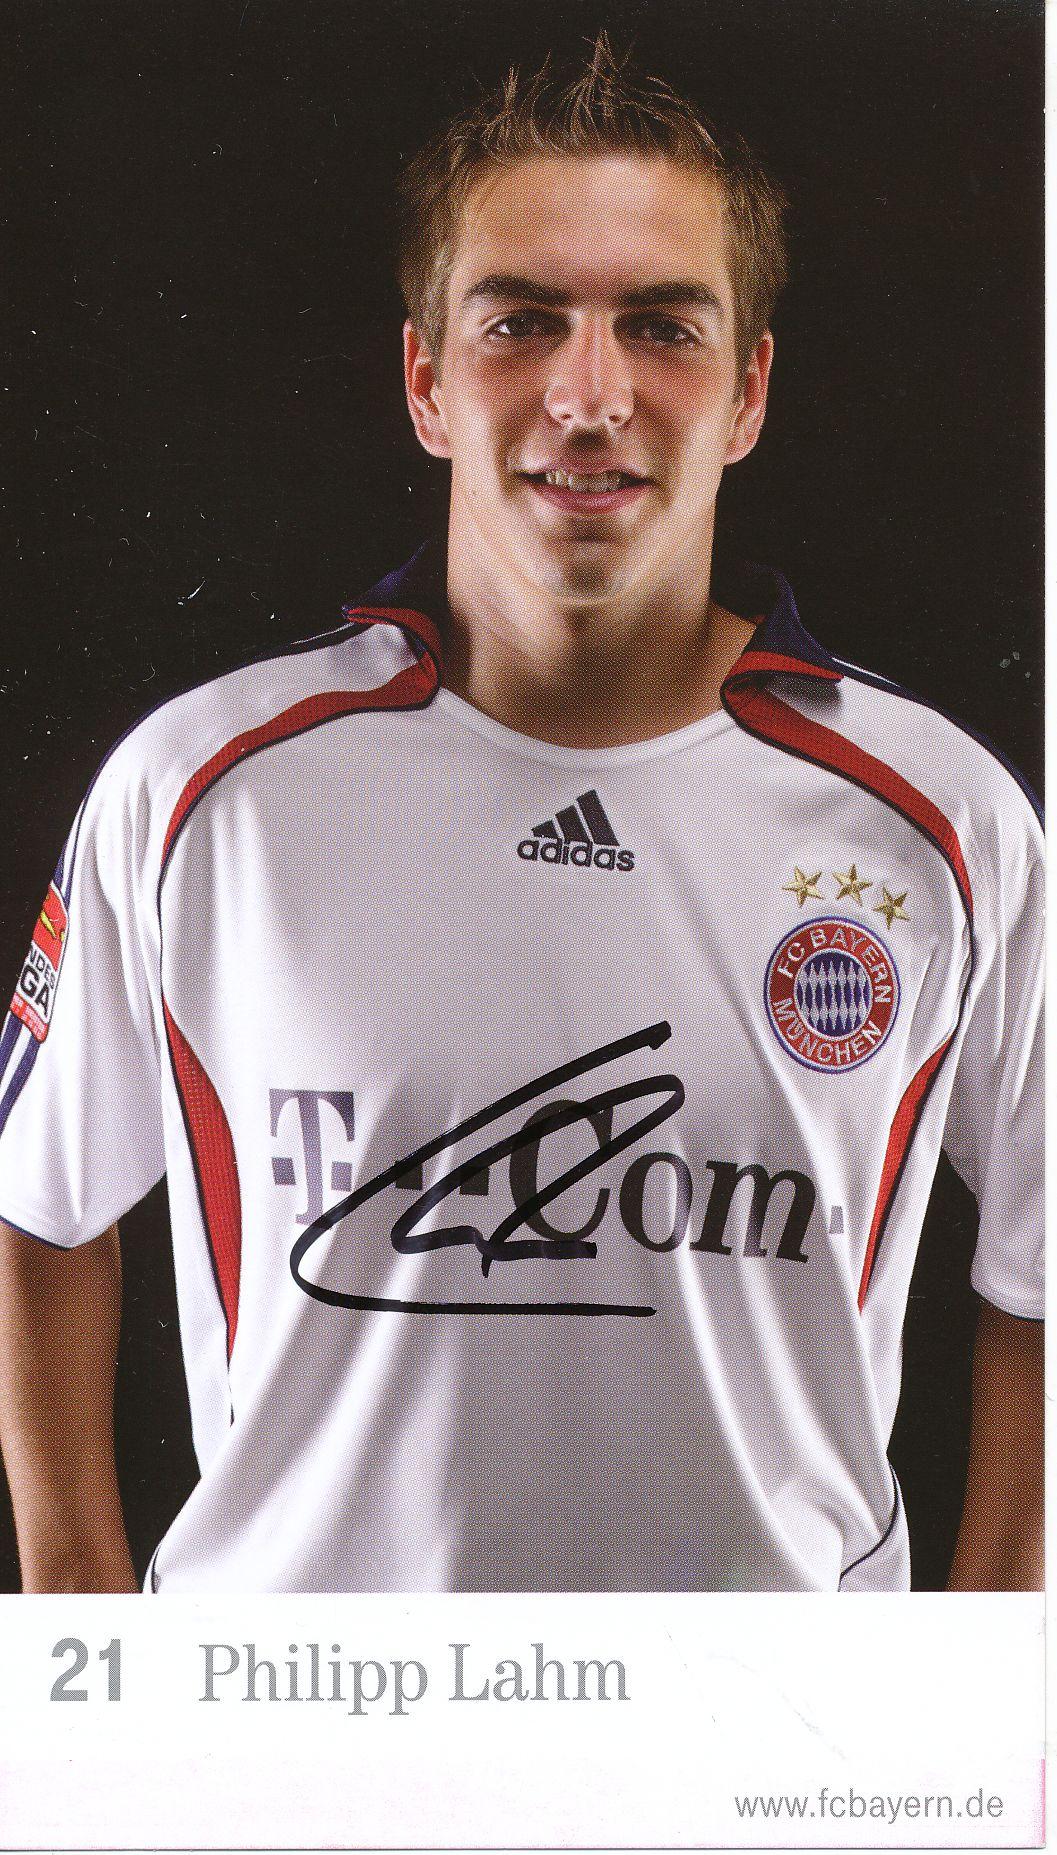 Kelocks Autogramme Philipp Lahm 2006 2007 Fc Bayern Munchen 2010 2011 Fussball Autogrammkarte Original Signiert Online Kaufen